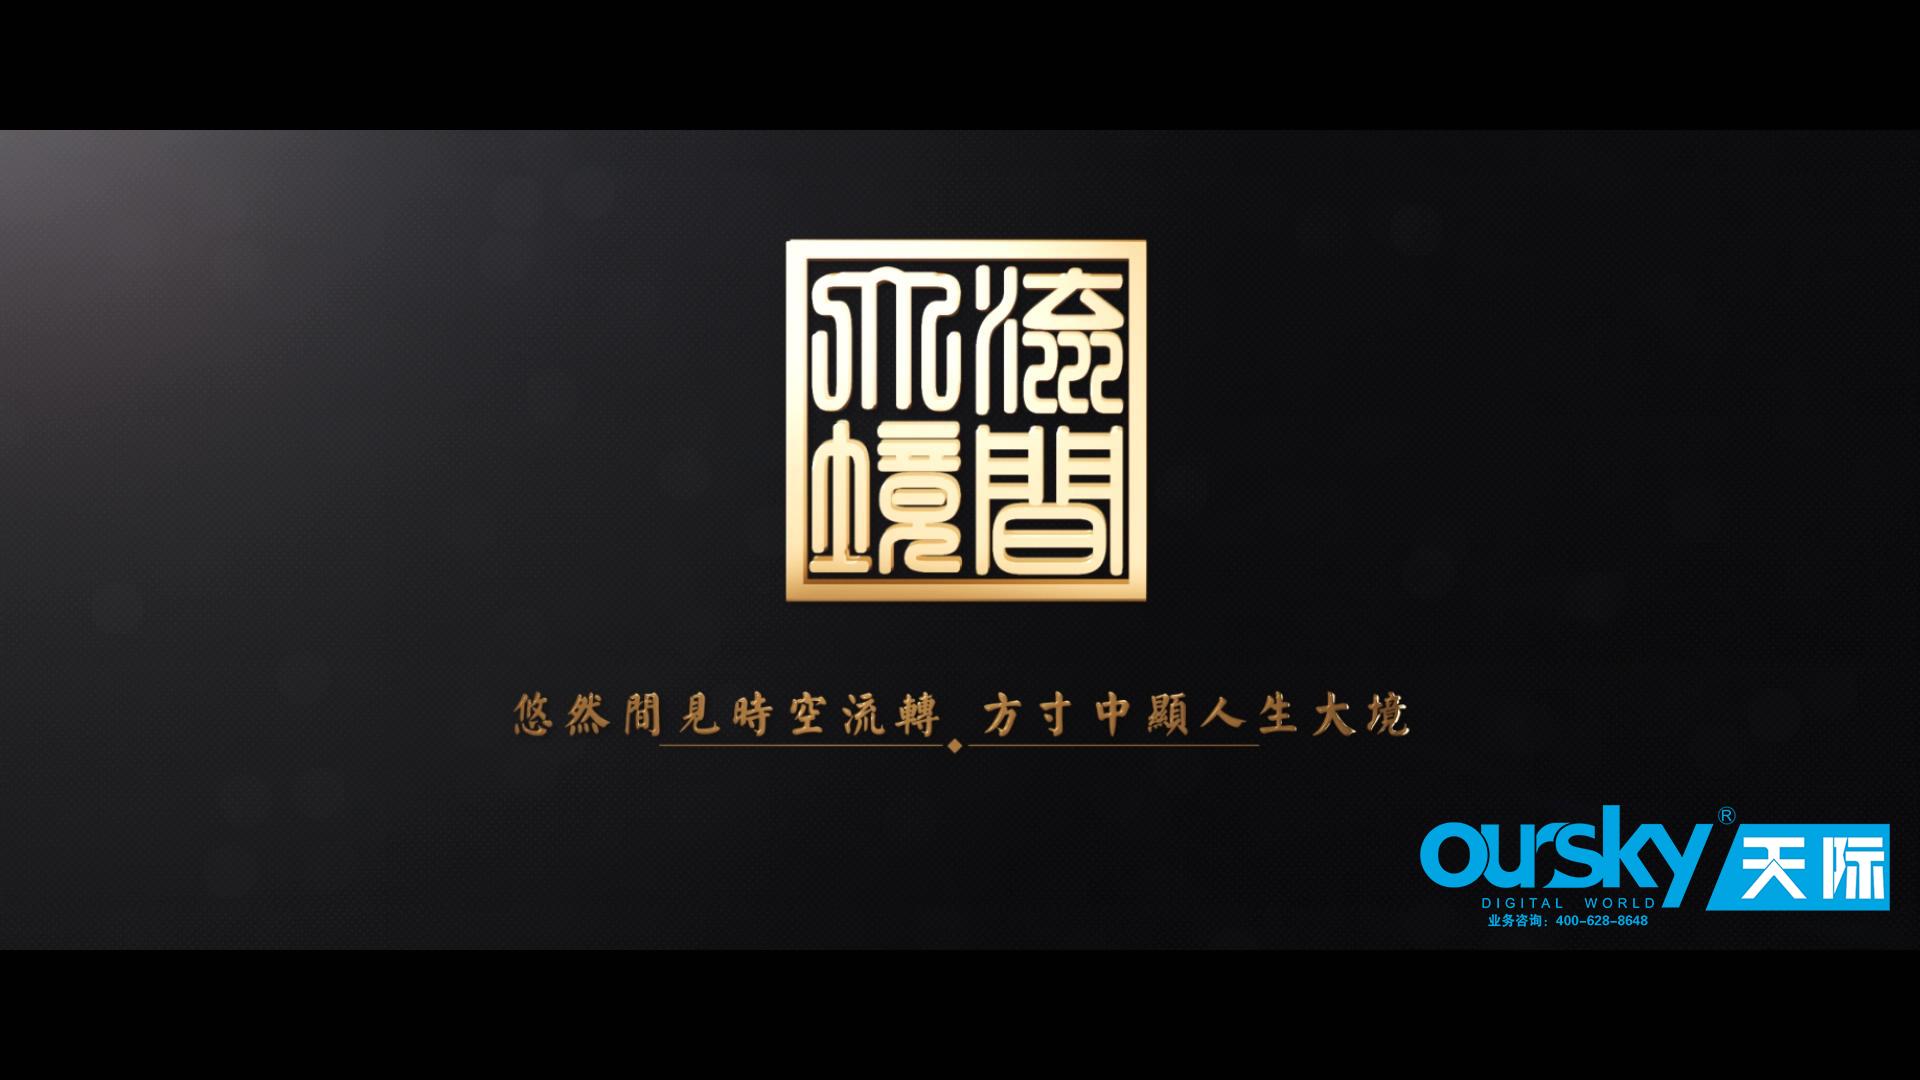 中海长安府丨以奢阔尺度容纳心中的山川湖海